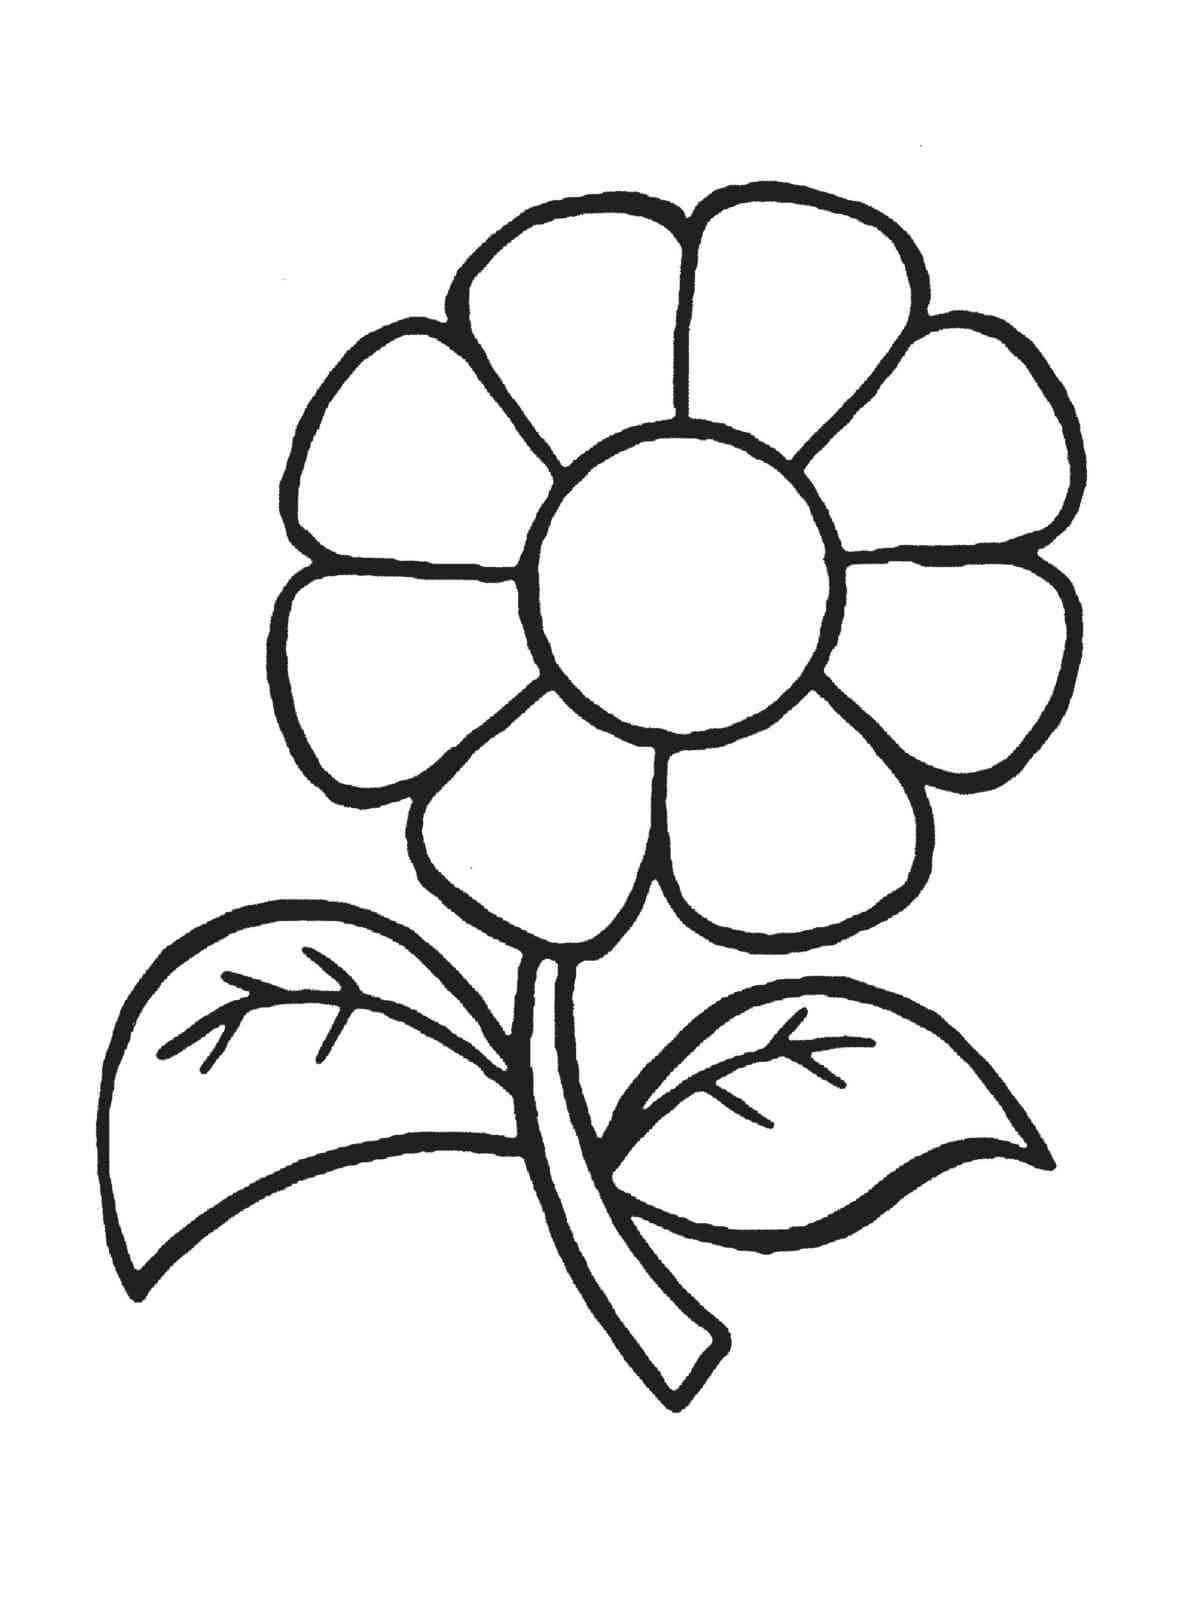 tranh tô màu cho bé 3 tuổi - tranh tô bông hoa